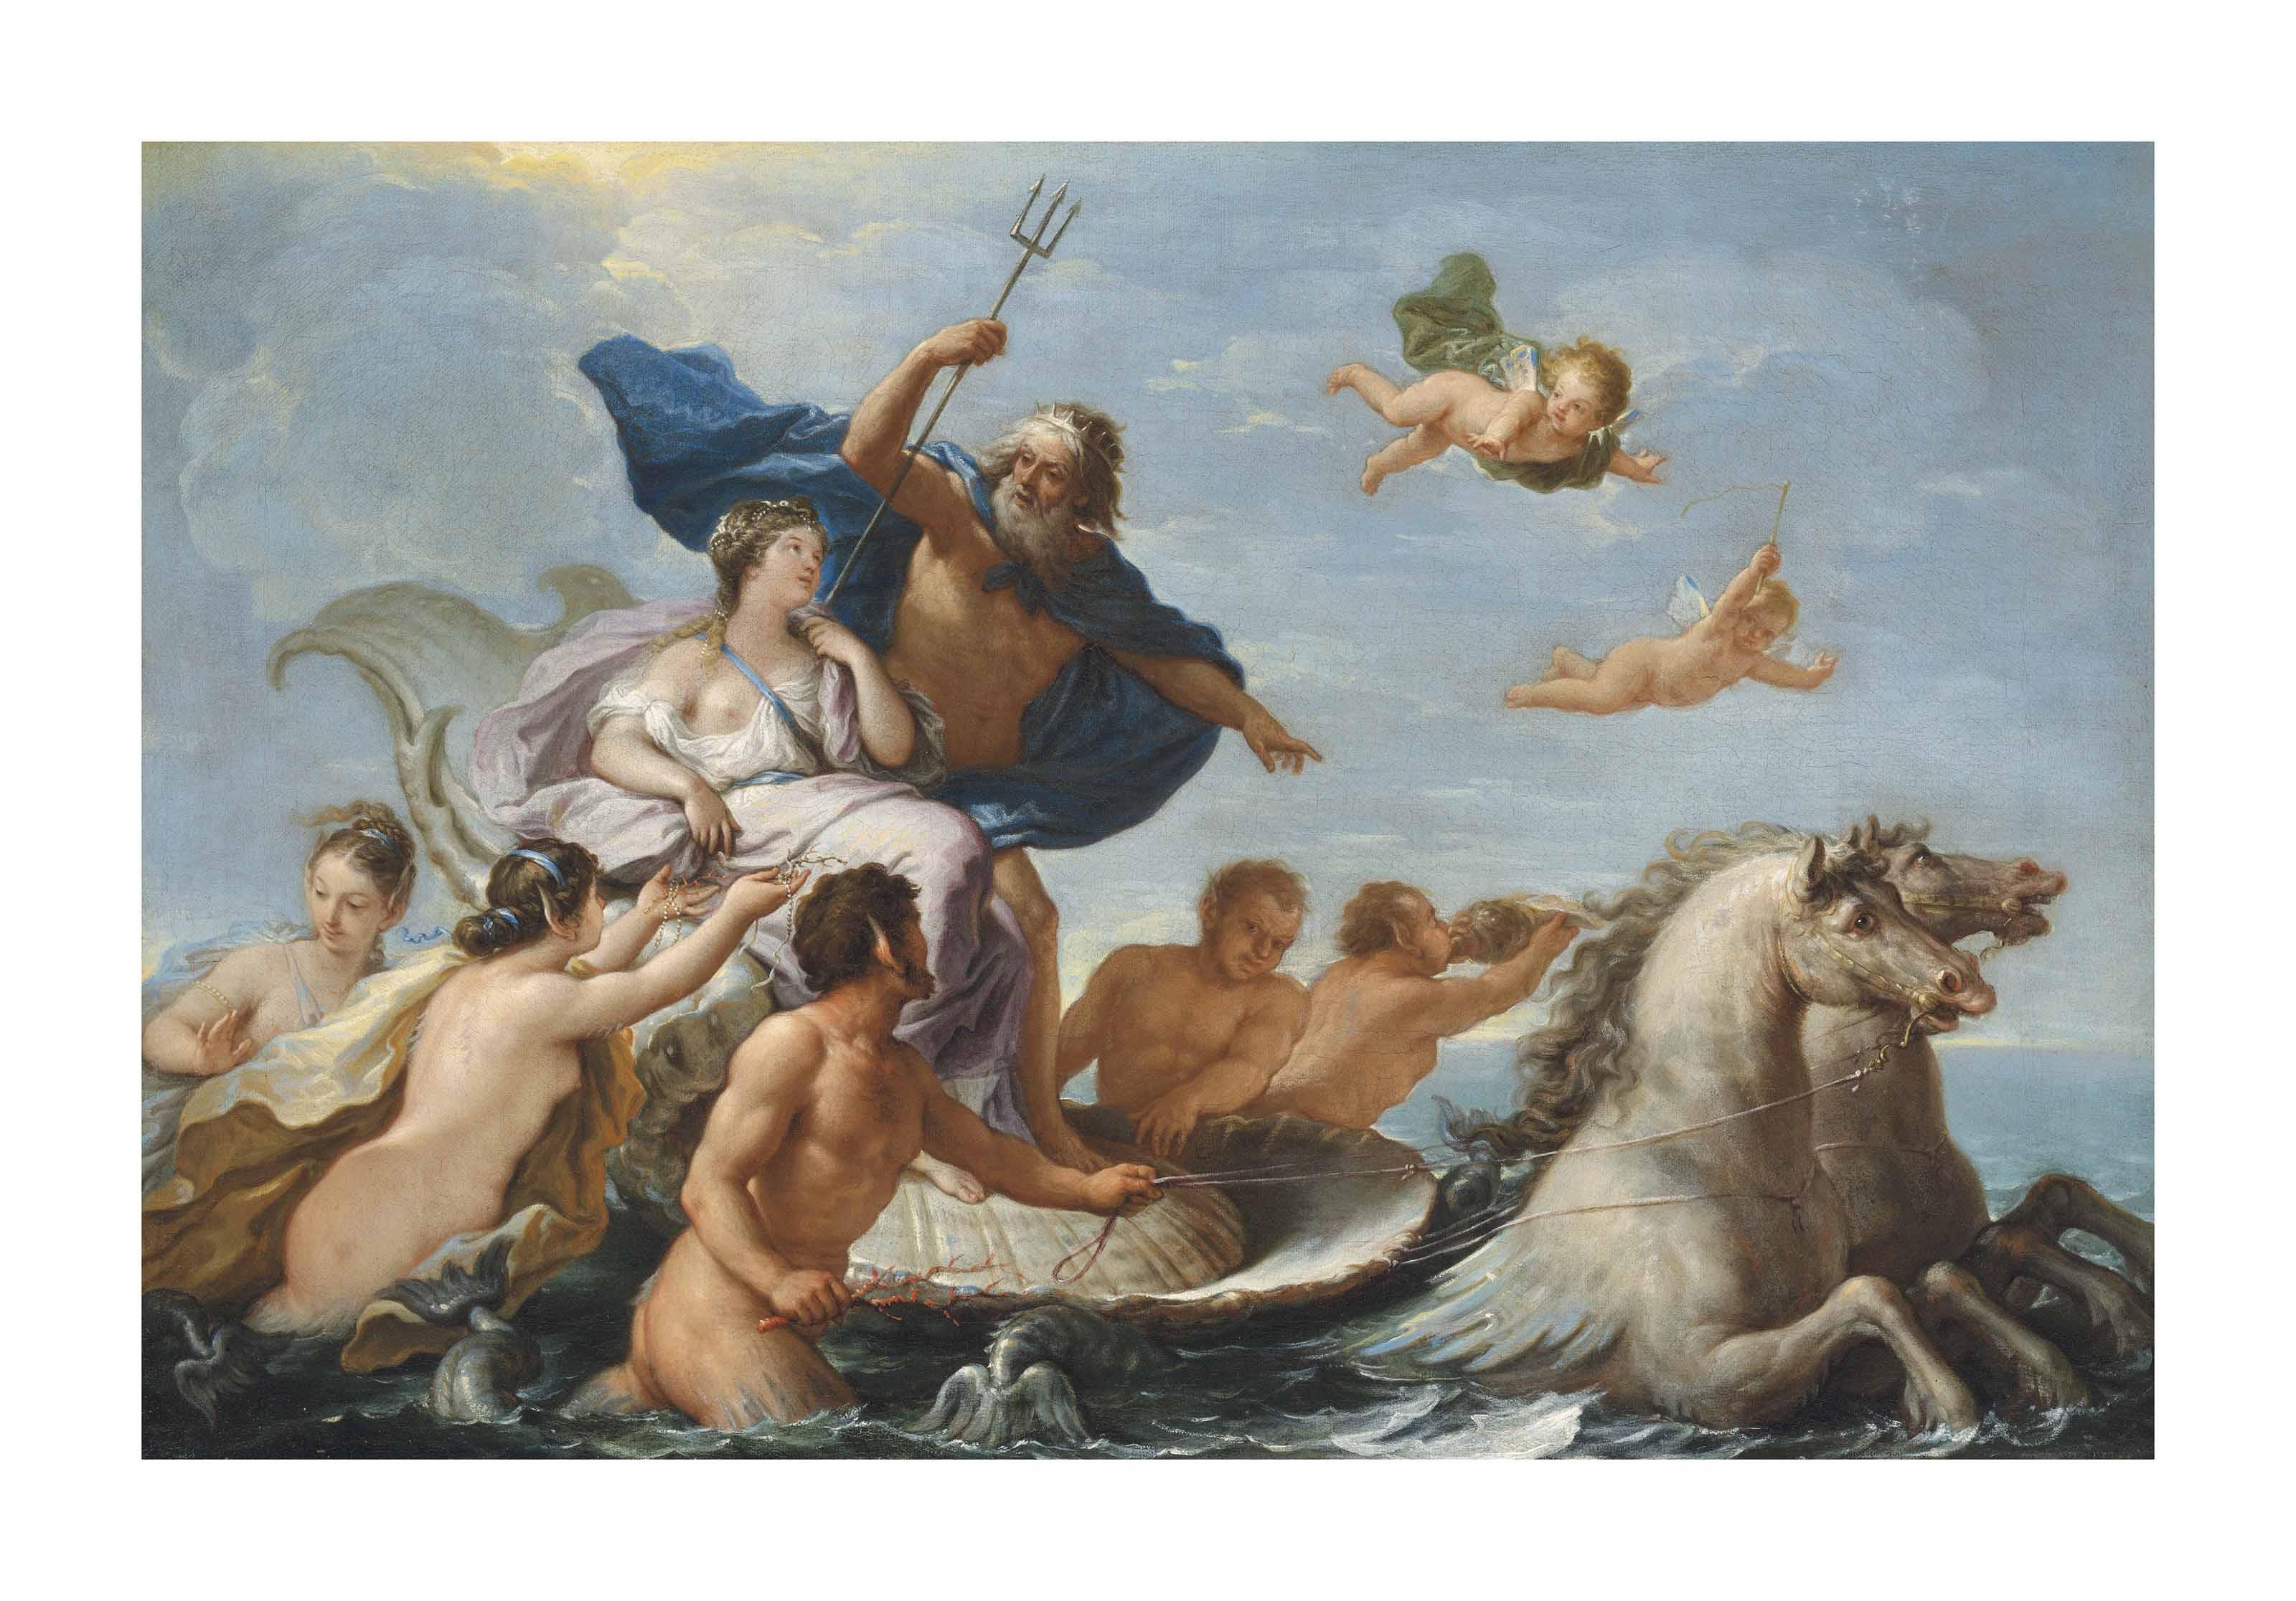 The Triumph of Neptune and Amphitrite